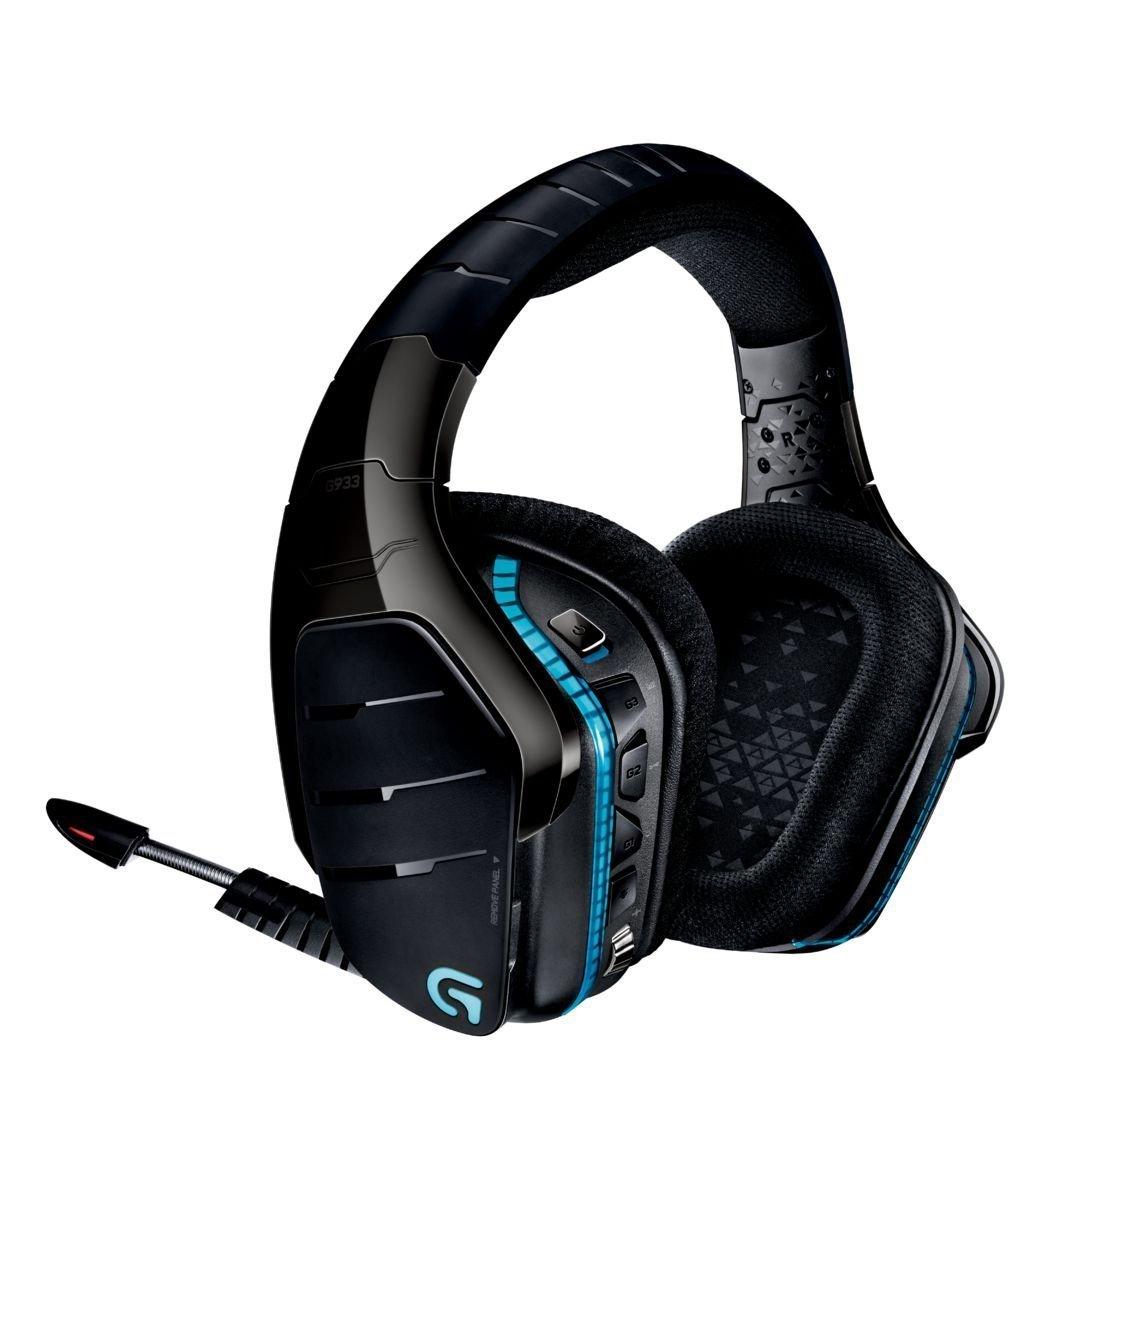 Amazon WHD - Logitech G933 Artemis Spectrum Kabelloses professionelles Gaming Kopfhörer (mit 7.1-Surround-Sound, 2,4-GHz-Verbindung) schwarz